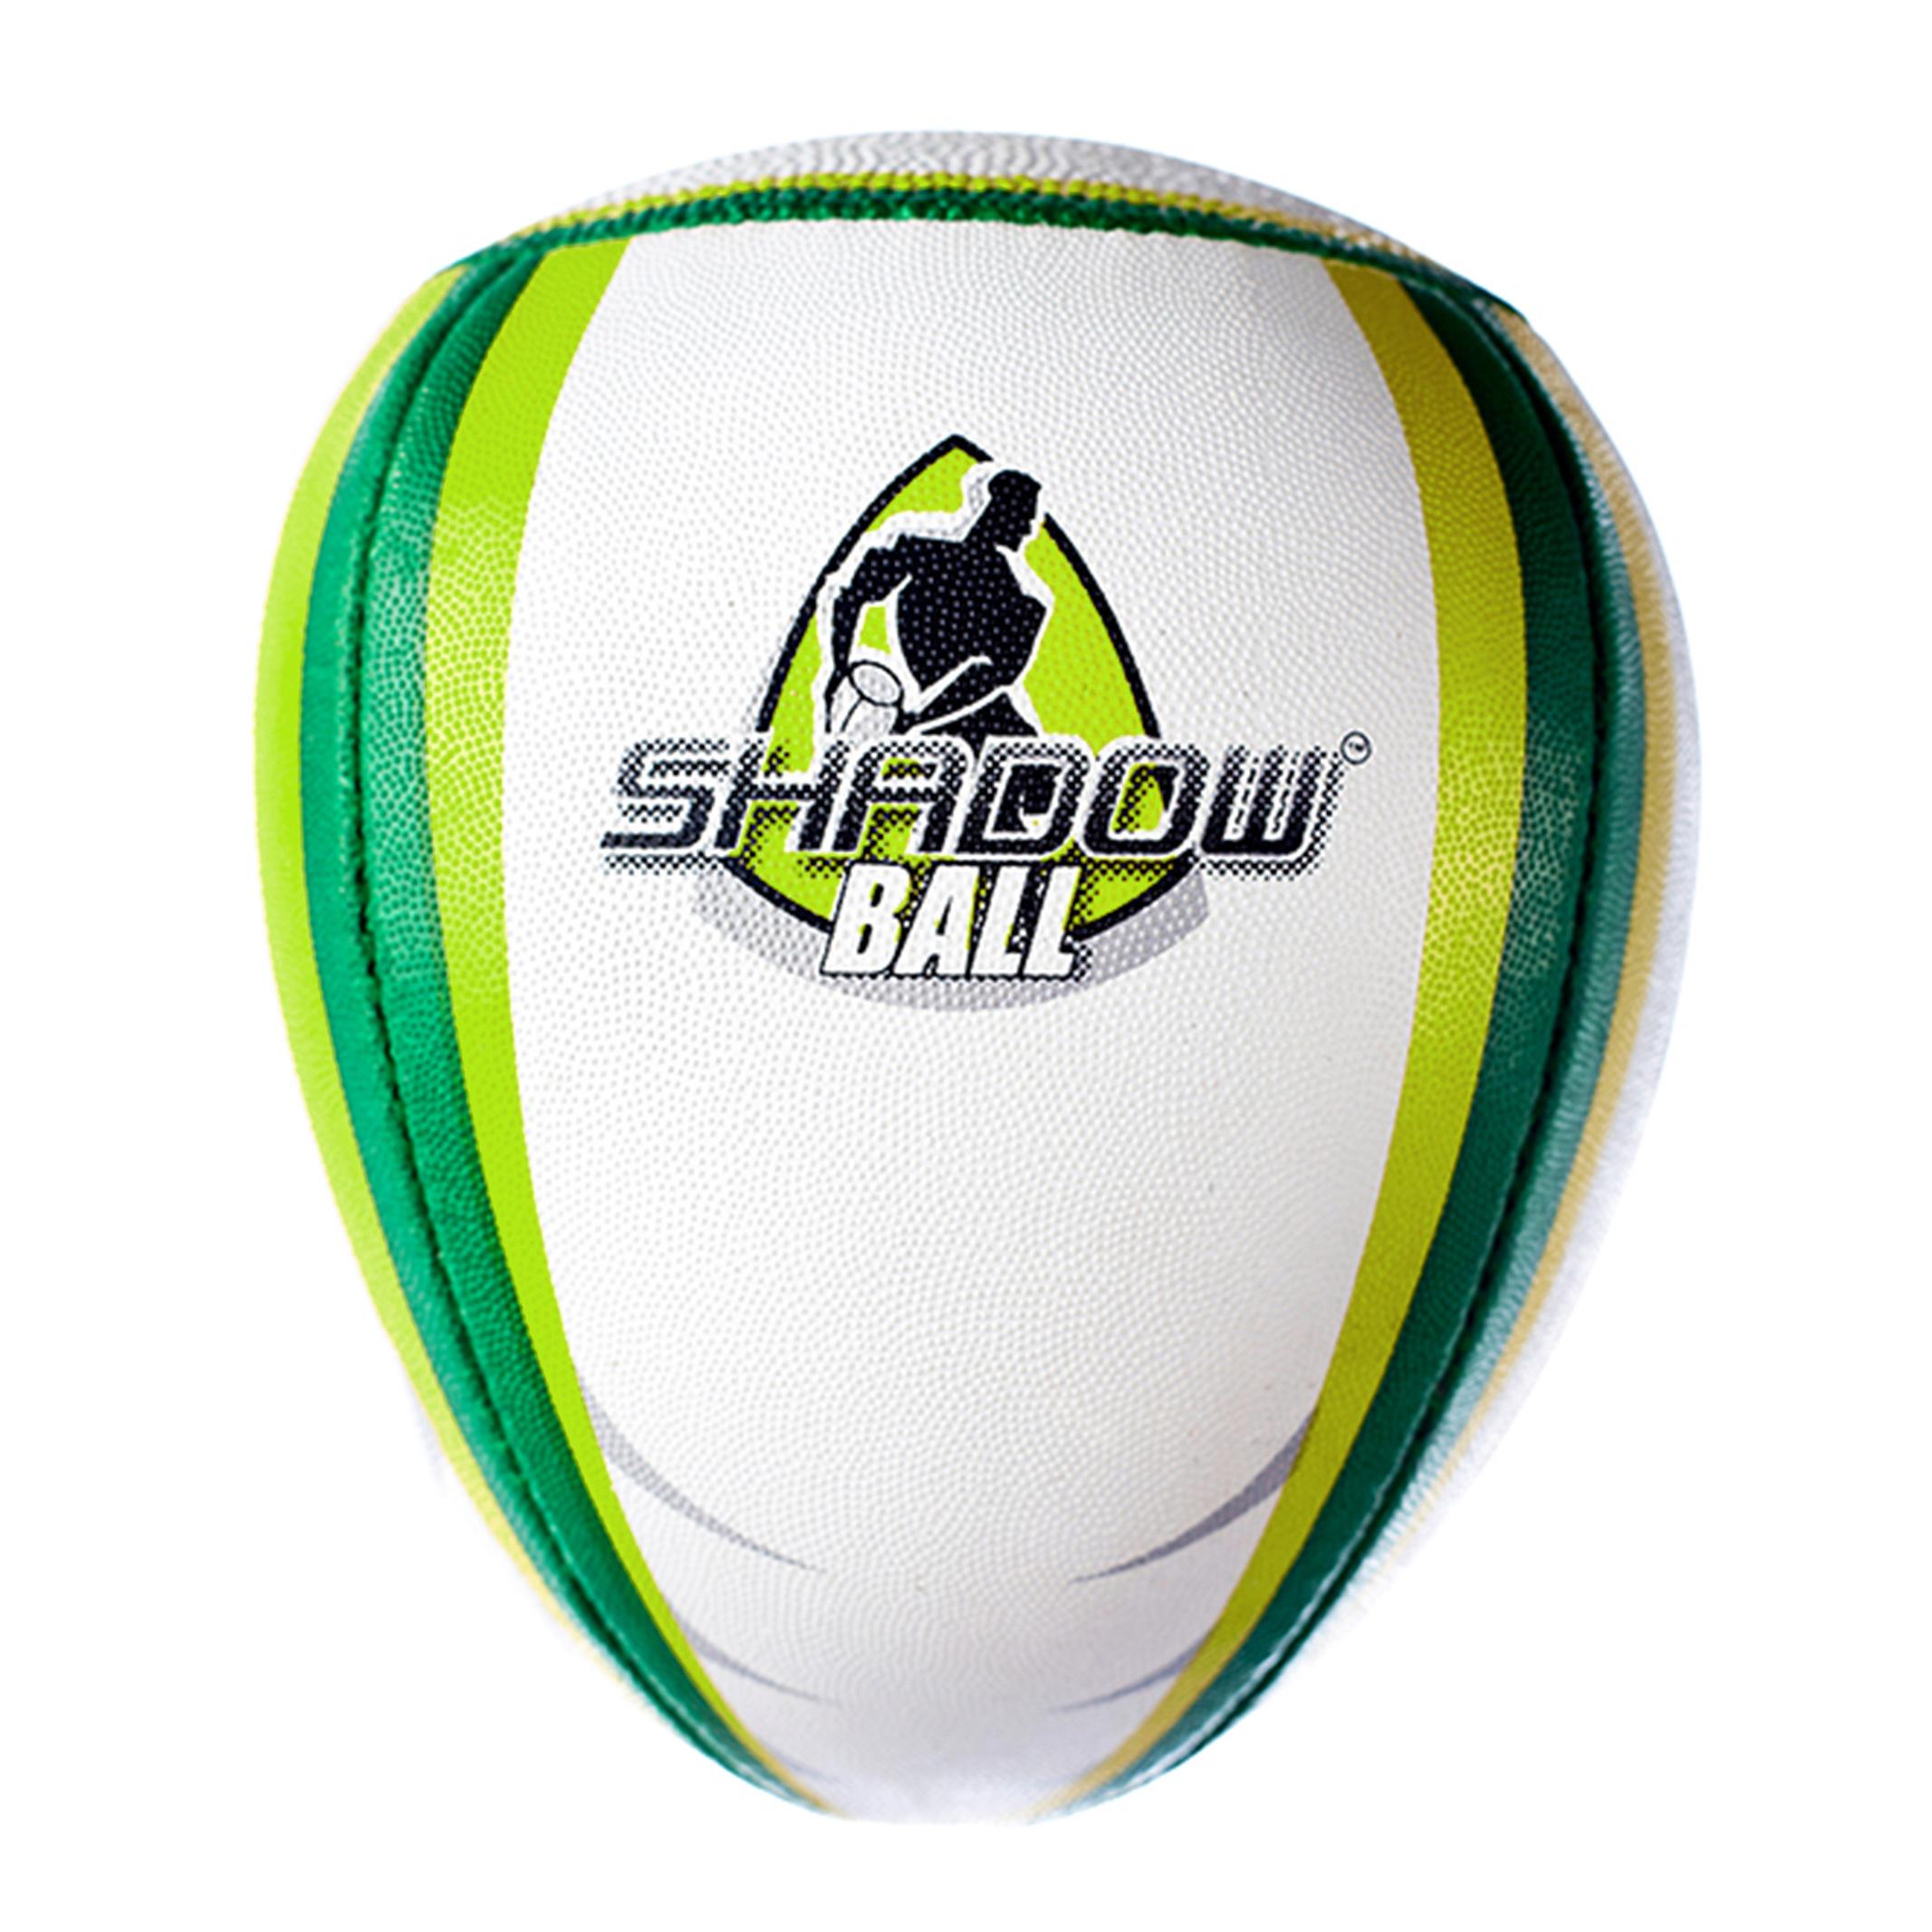 今だけ送料無料 値下げ 一部地域除く アウトレット☆送料無料 シャドーボール 5号球 SHADOWBALL シャドウボール パス練習球 ラグビーボール